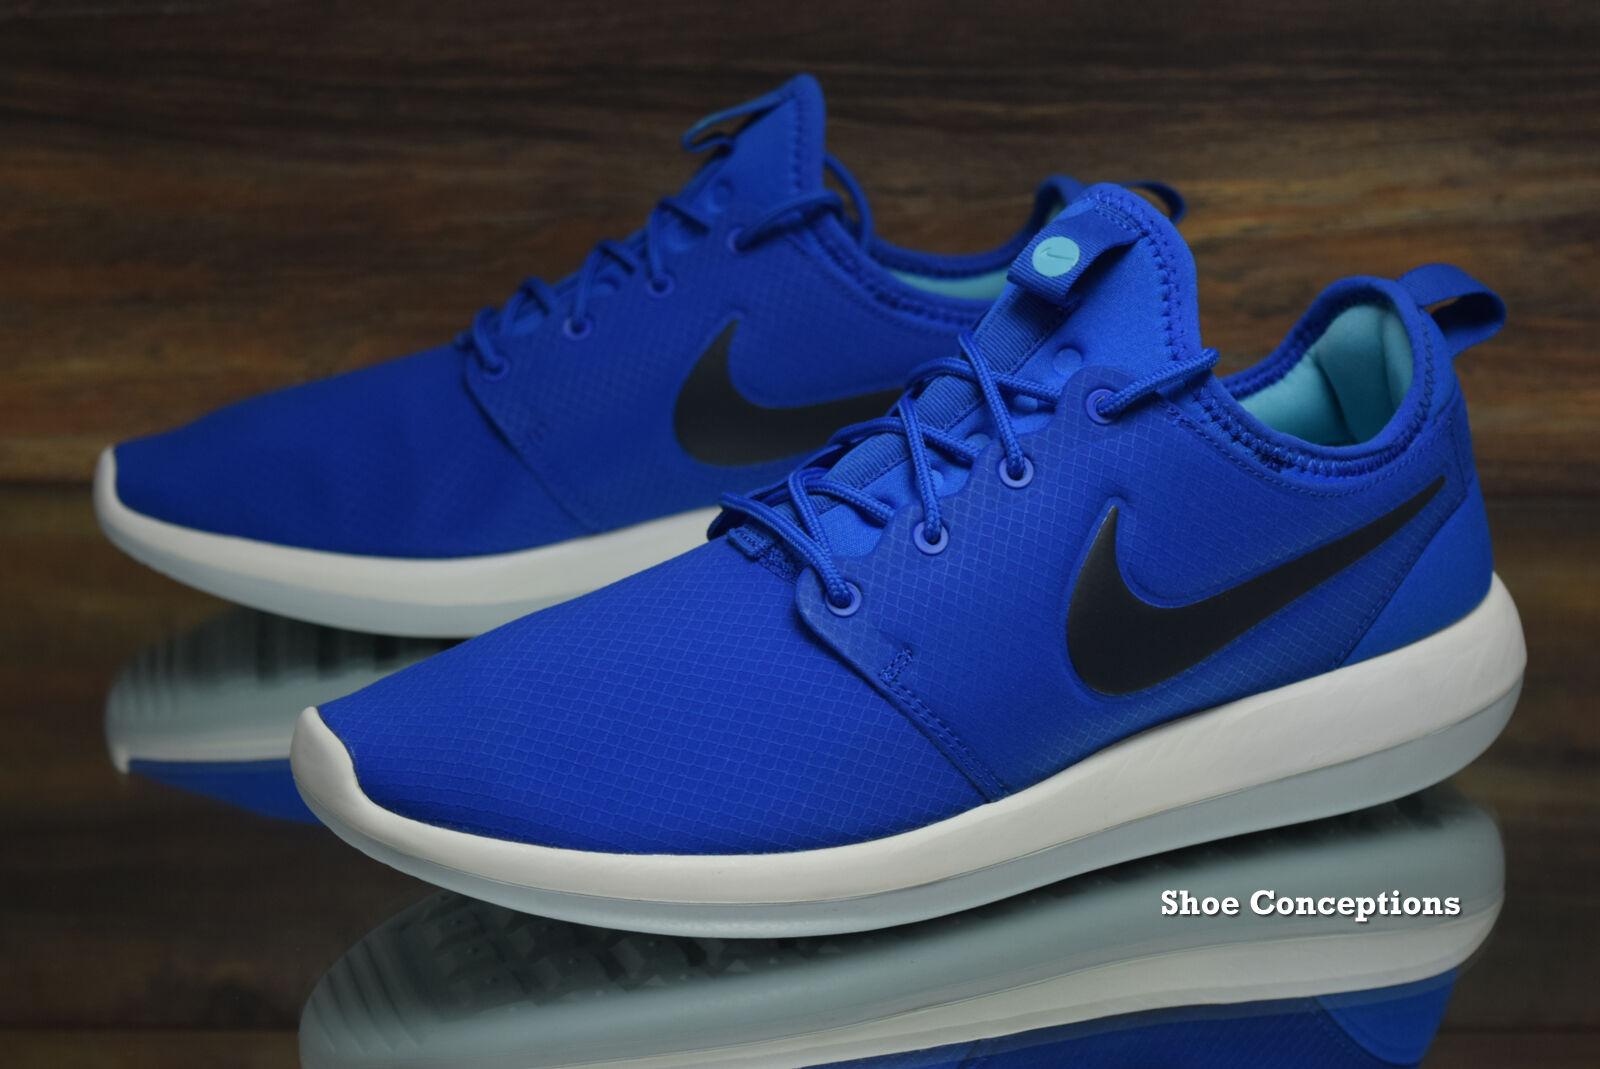 Nike Roshe Two SE 2 Rosherun Blue Black Men Running Shoes Sneakers 859543400